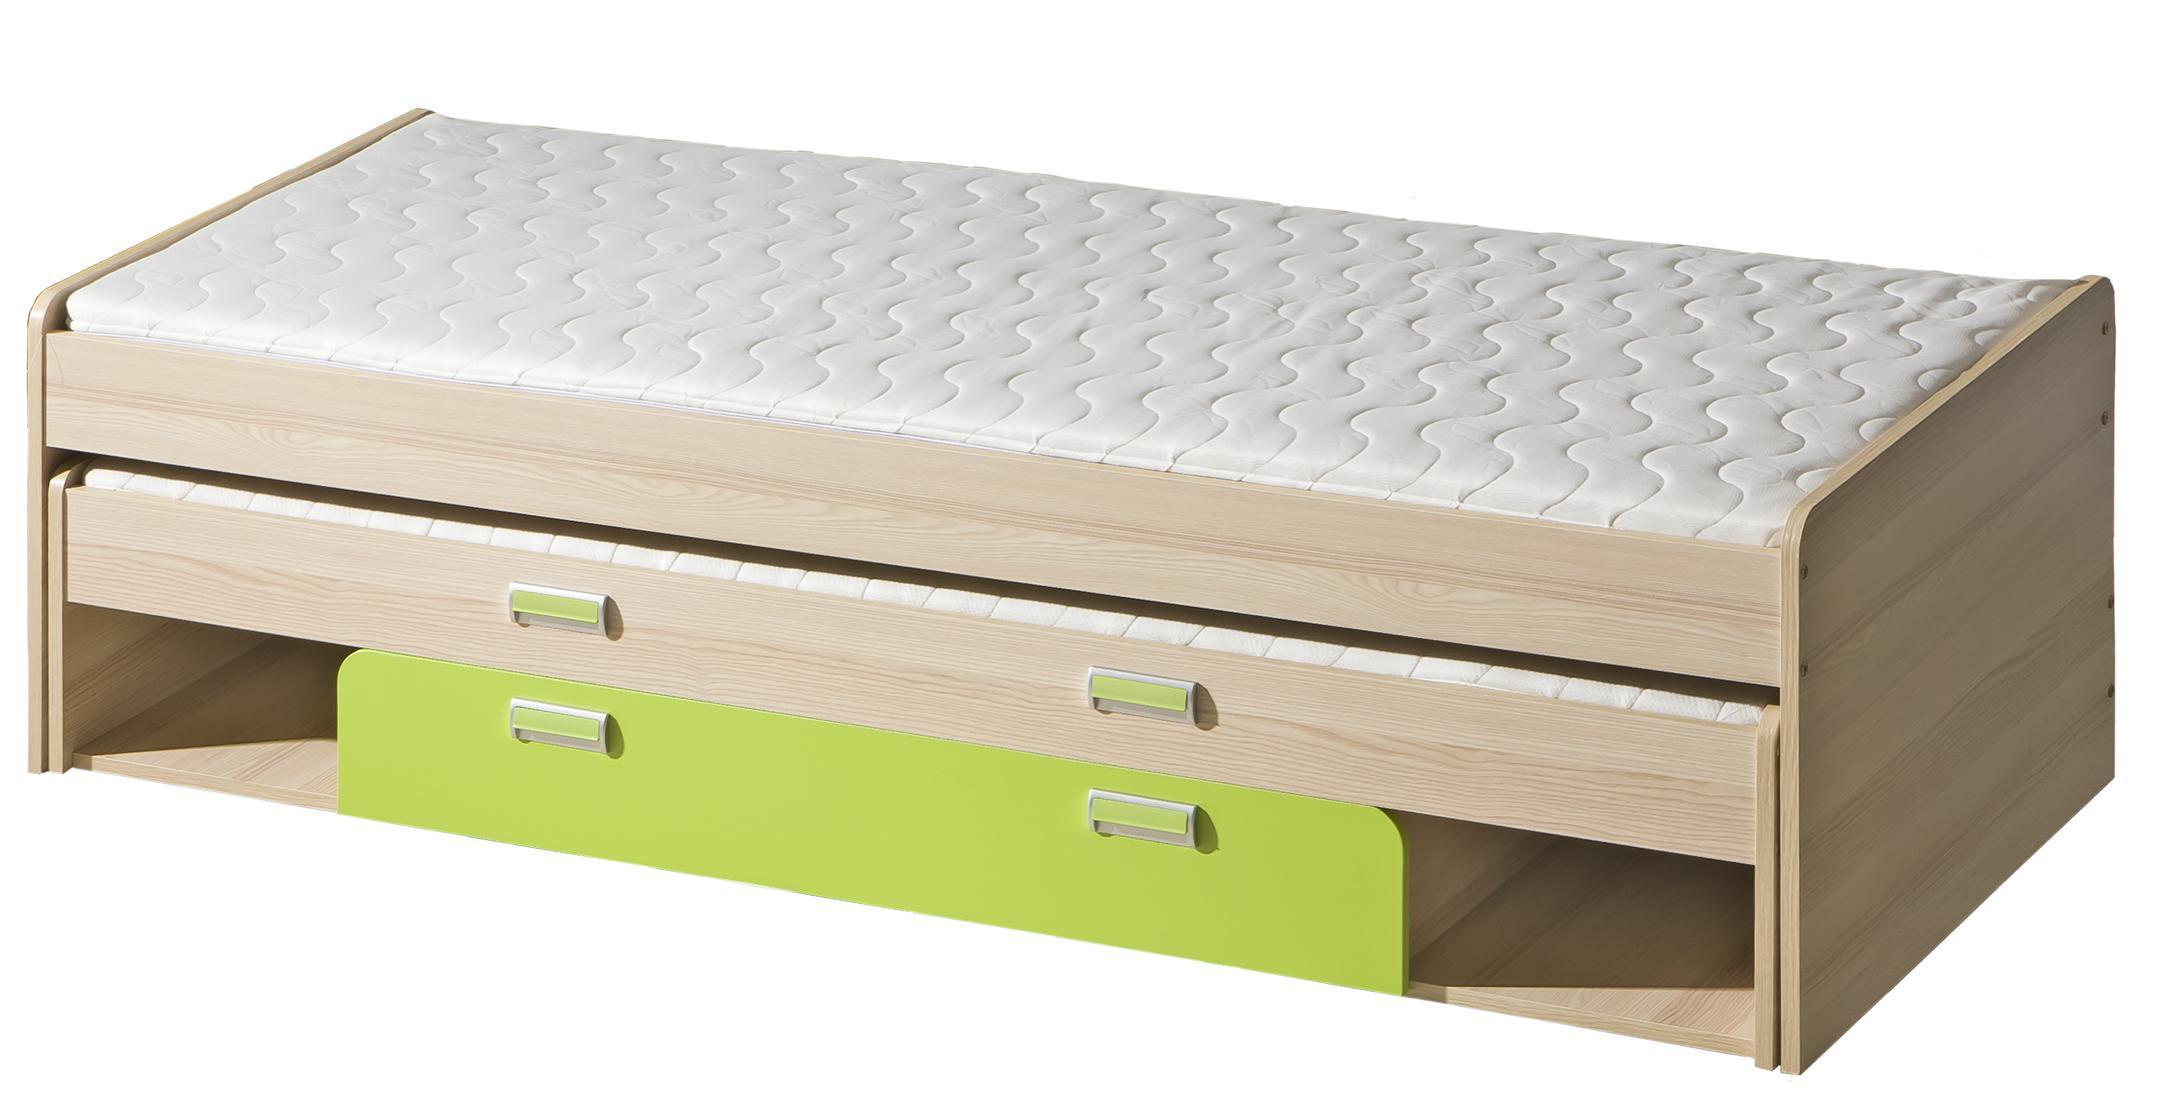 Rozkládací postel 80 cm - Lavendon - L16 (s rošty) (zelená)